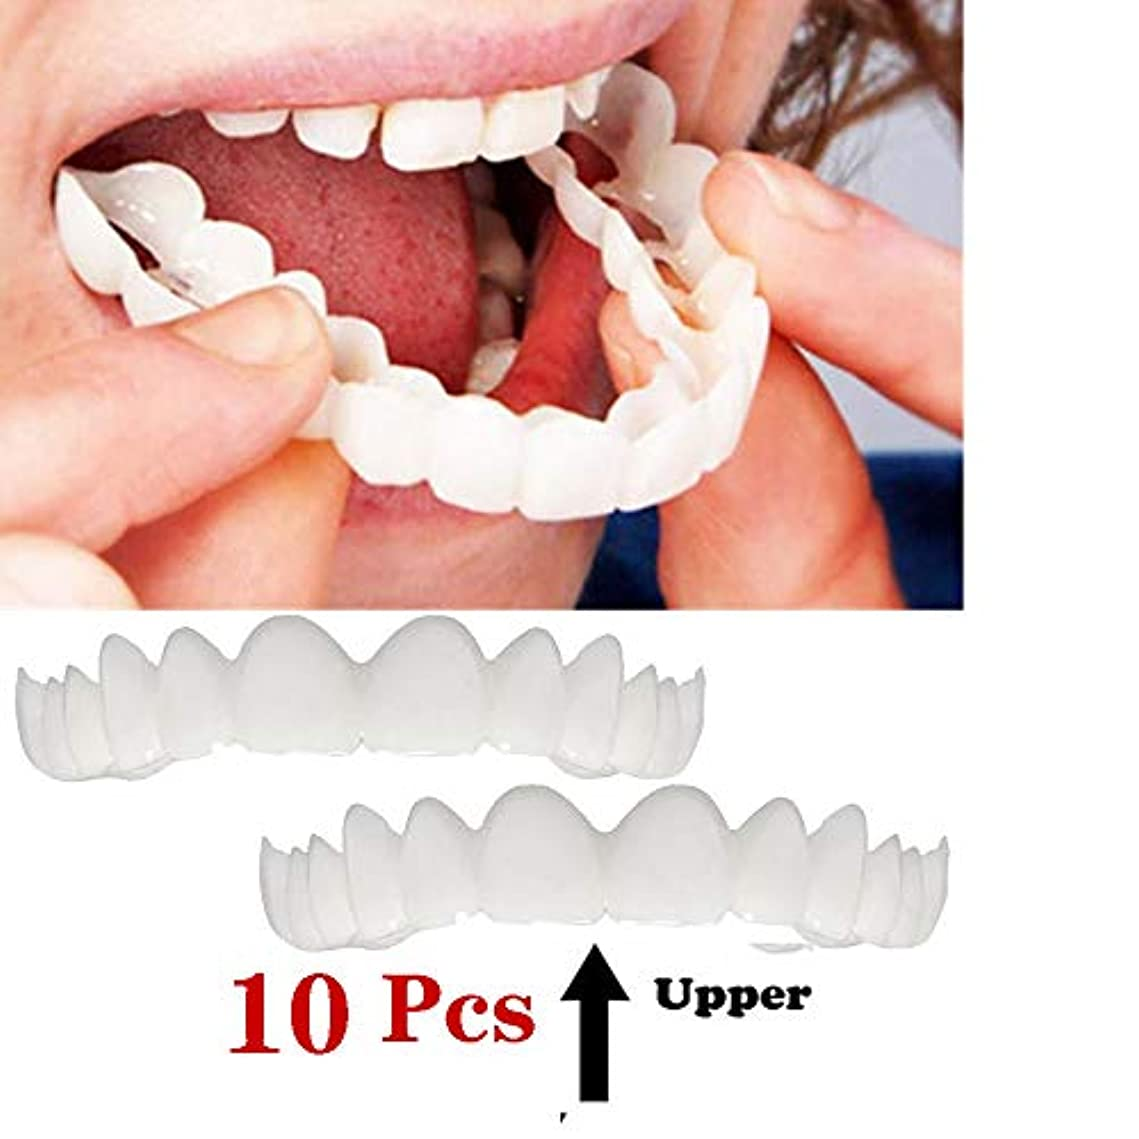 糸十分なアーティキュレーションシリコンベニヤティース偽の歯パーフェクトスマイルベニヤ在庫あり矯正偽義歯不良歯ベニヤ歯ホワイトニング-10個